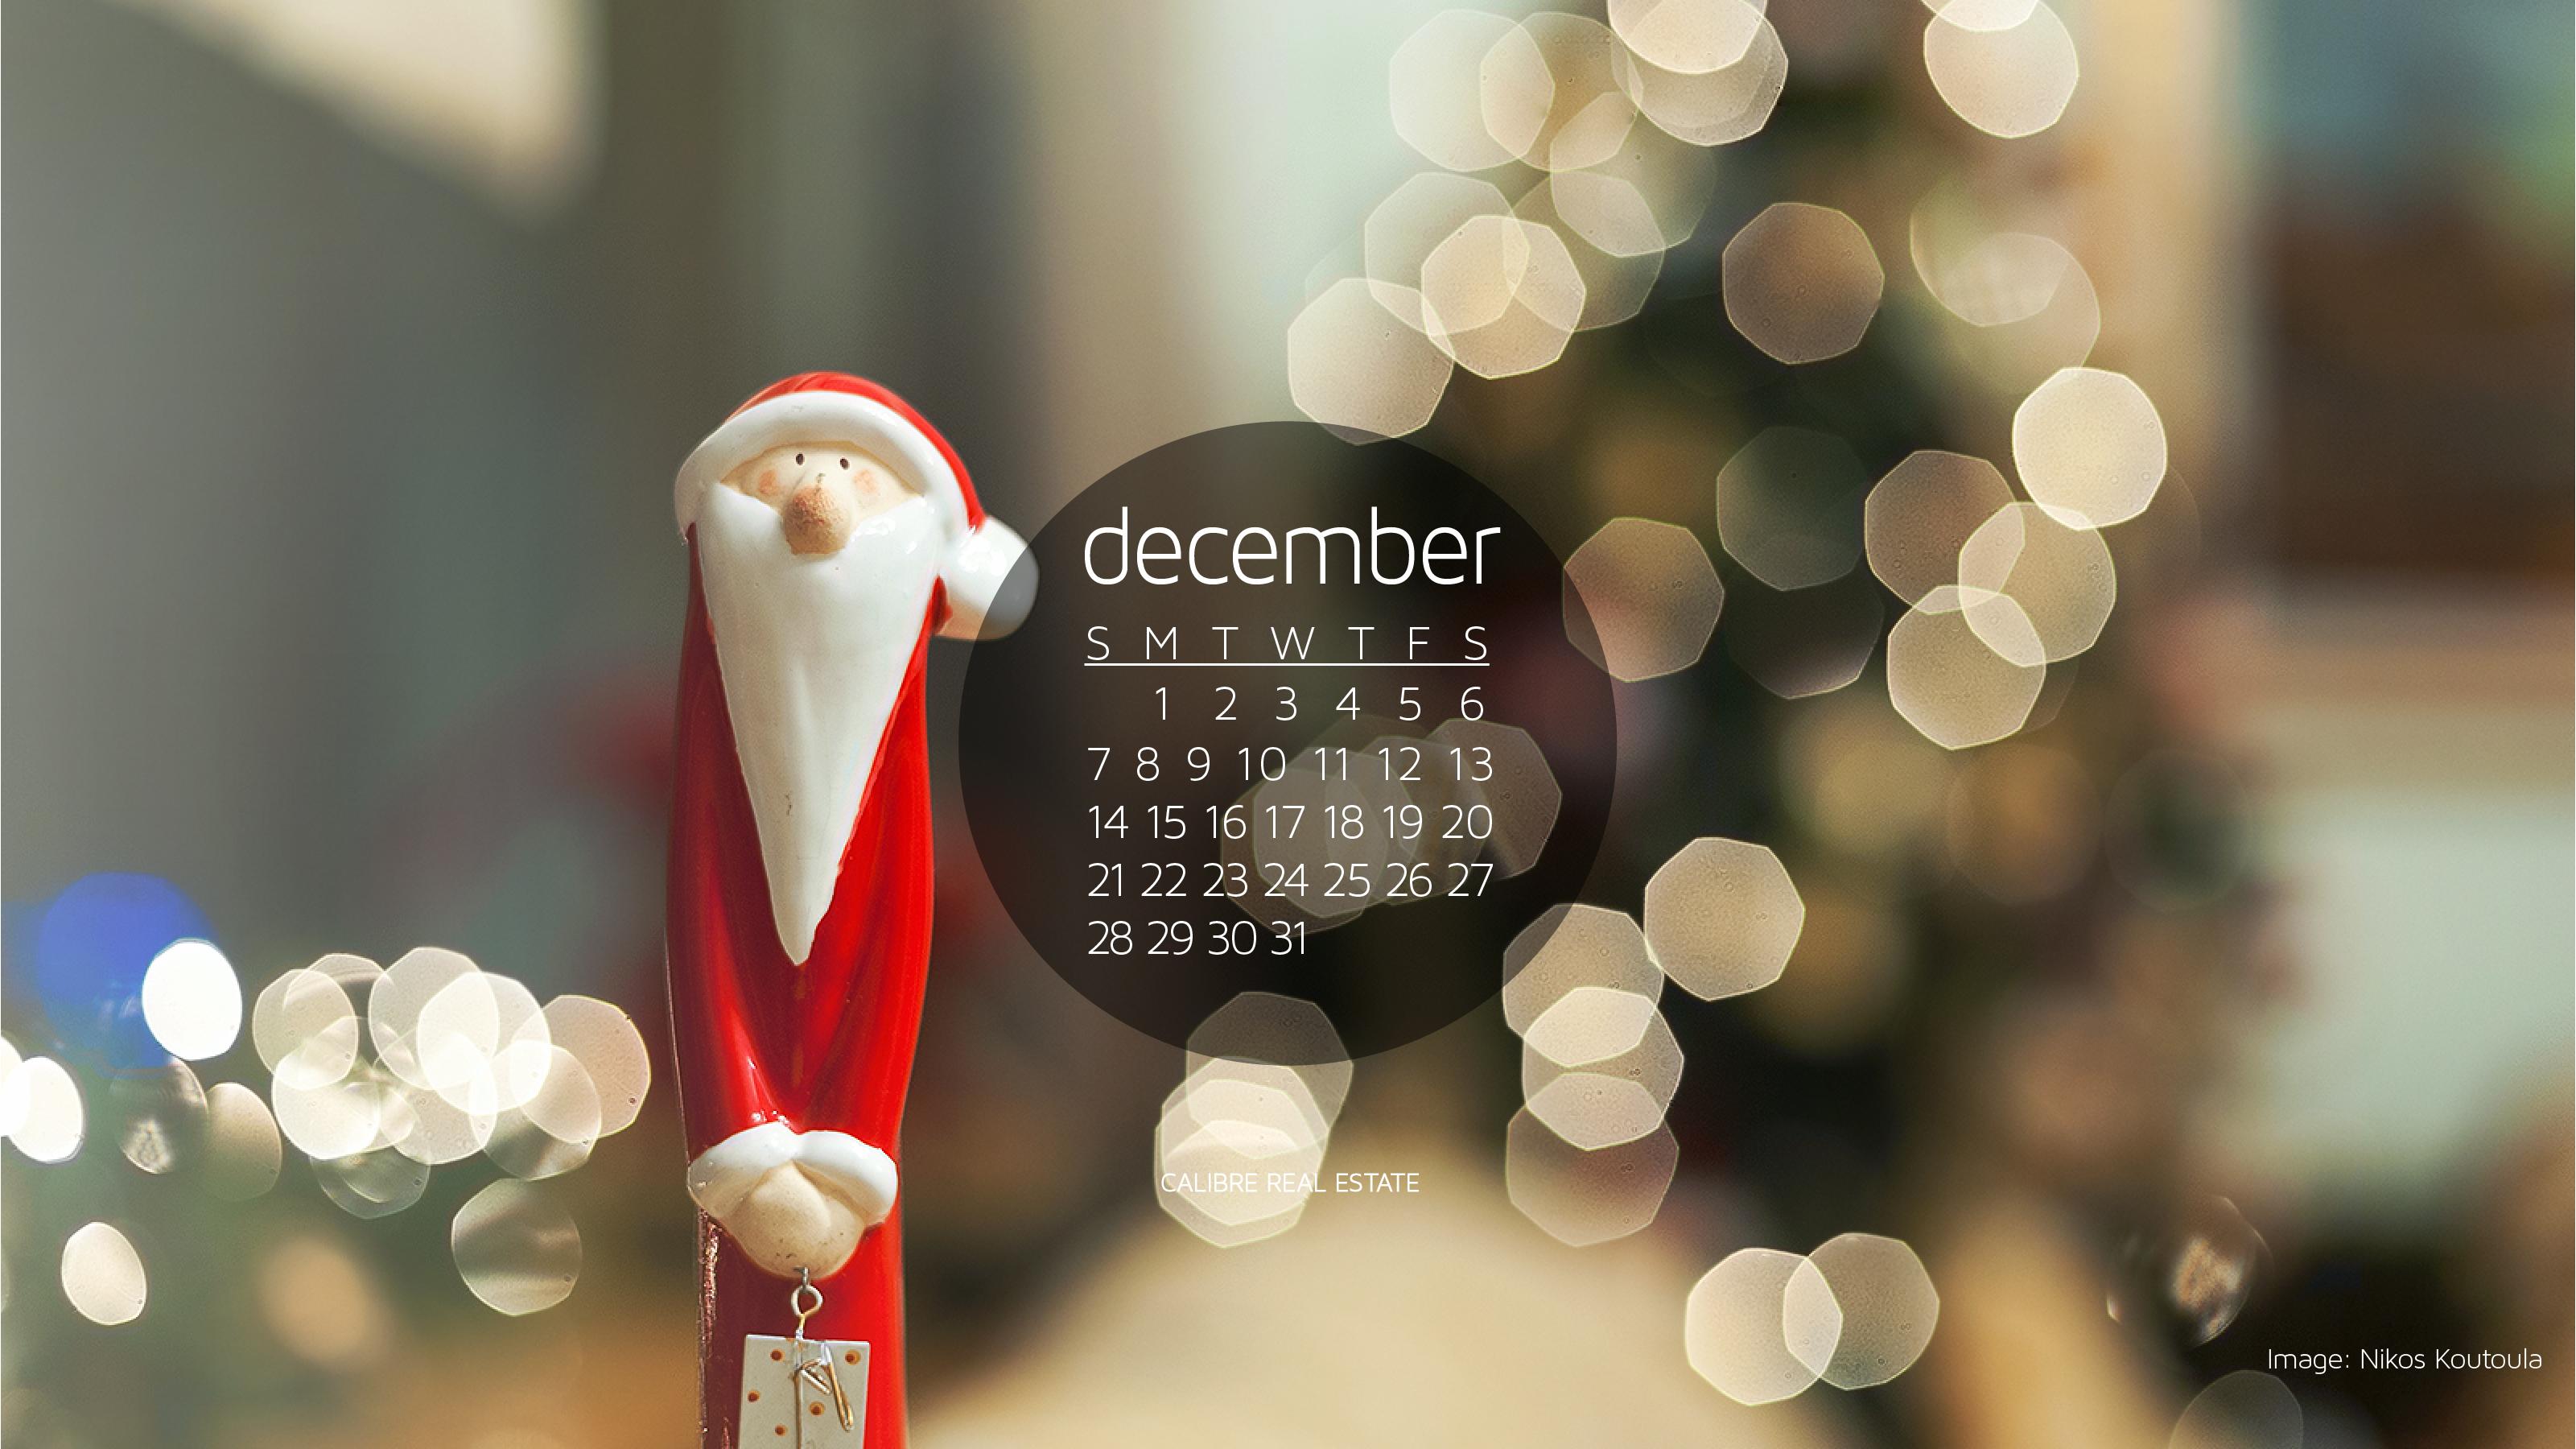 Calendar Wallpaper Creator : December calendar wallpaper